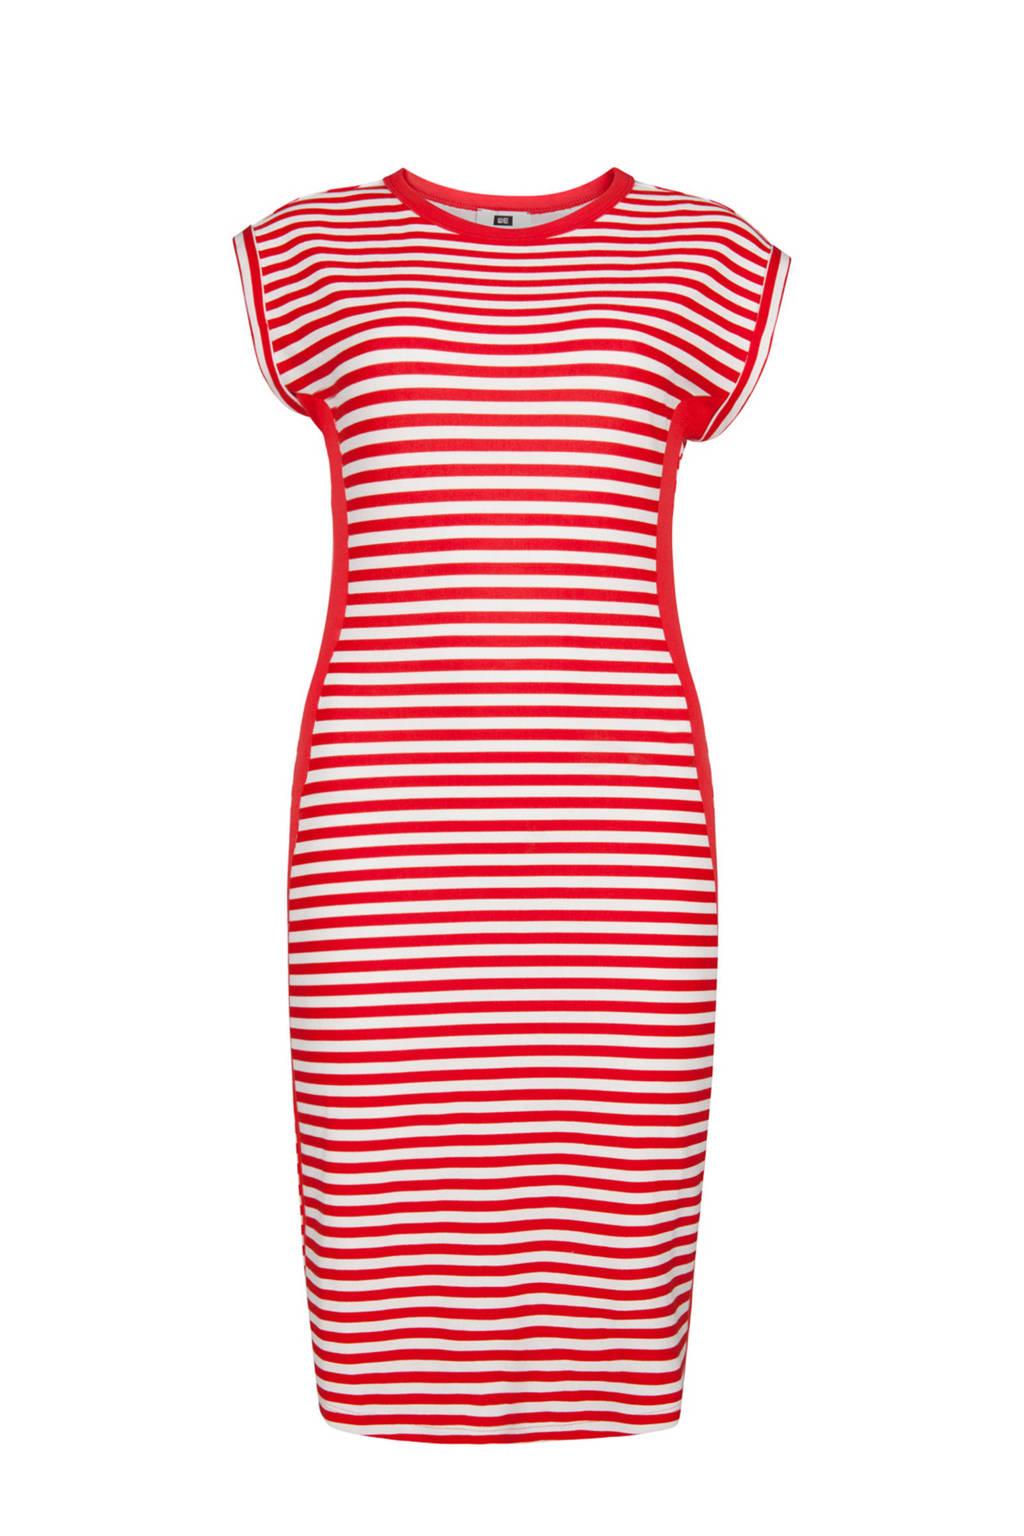 WE Fashion gestreepte jurk rood/wit, Rood/wit